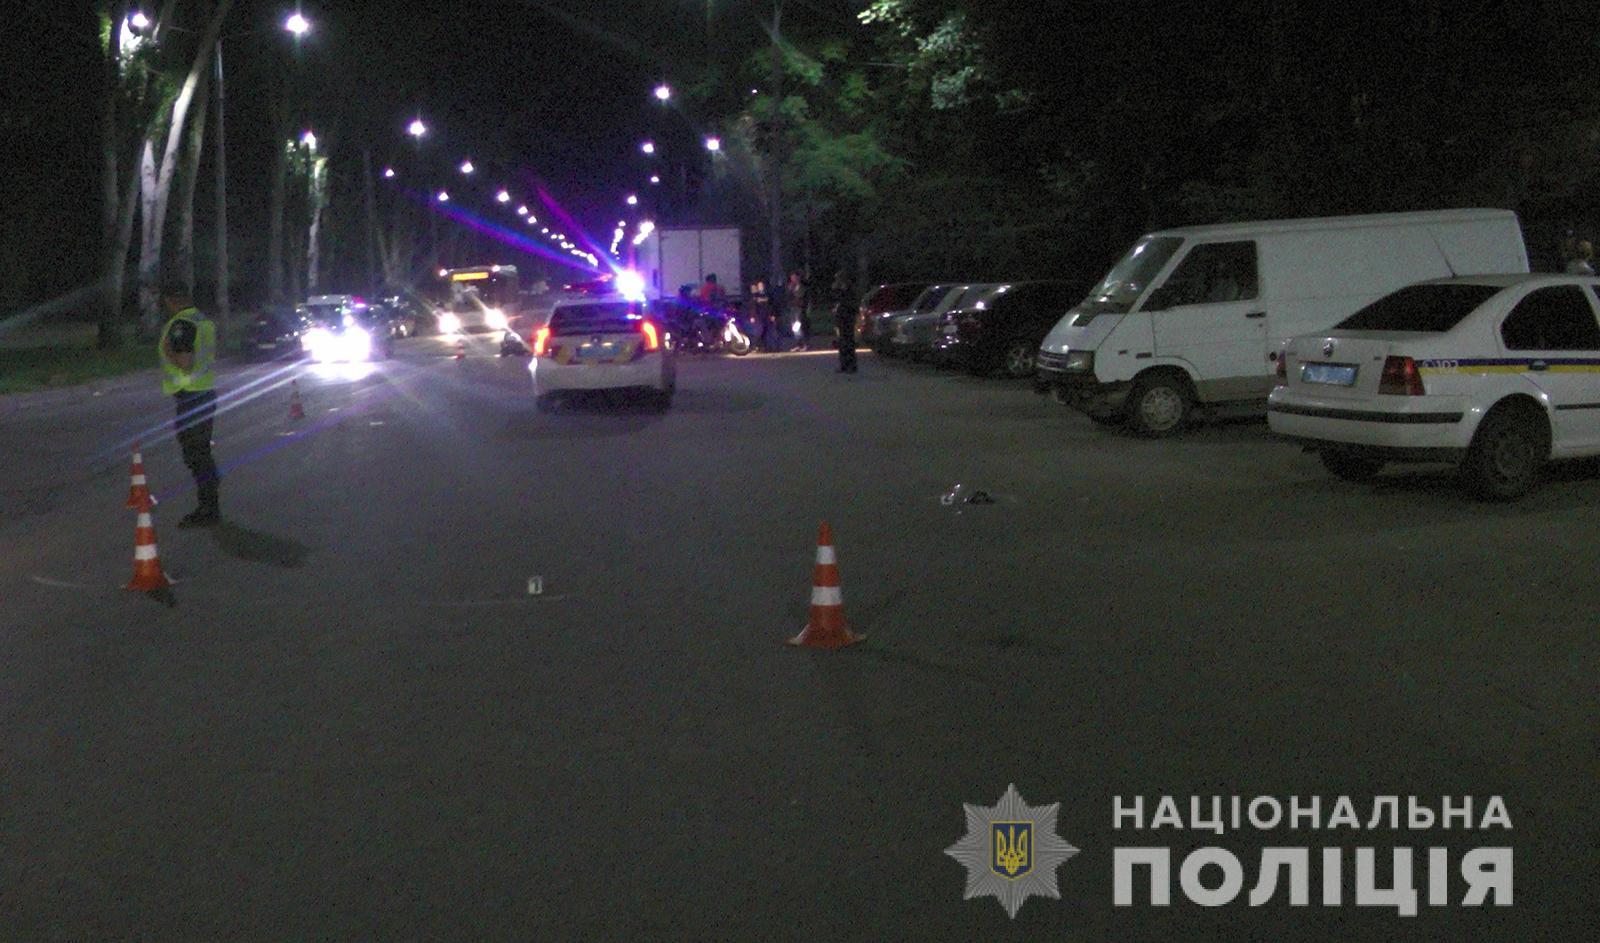 Полиция ищет свидетелей ДТП в Шевченковском районе Запорожья - ФОТО